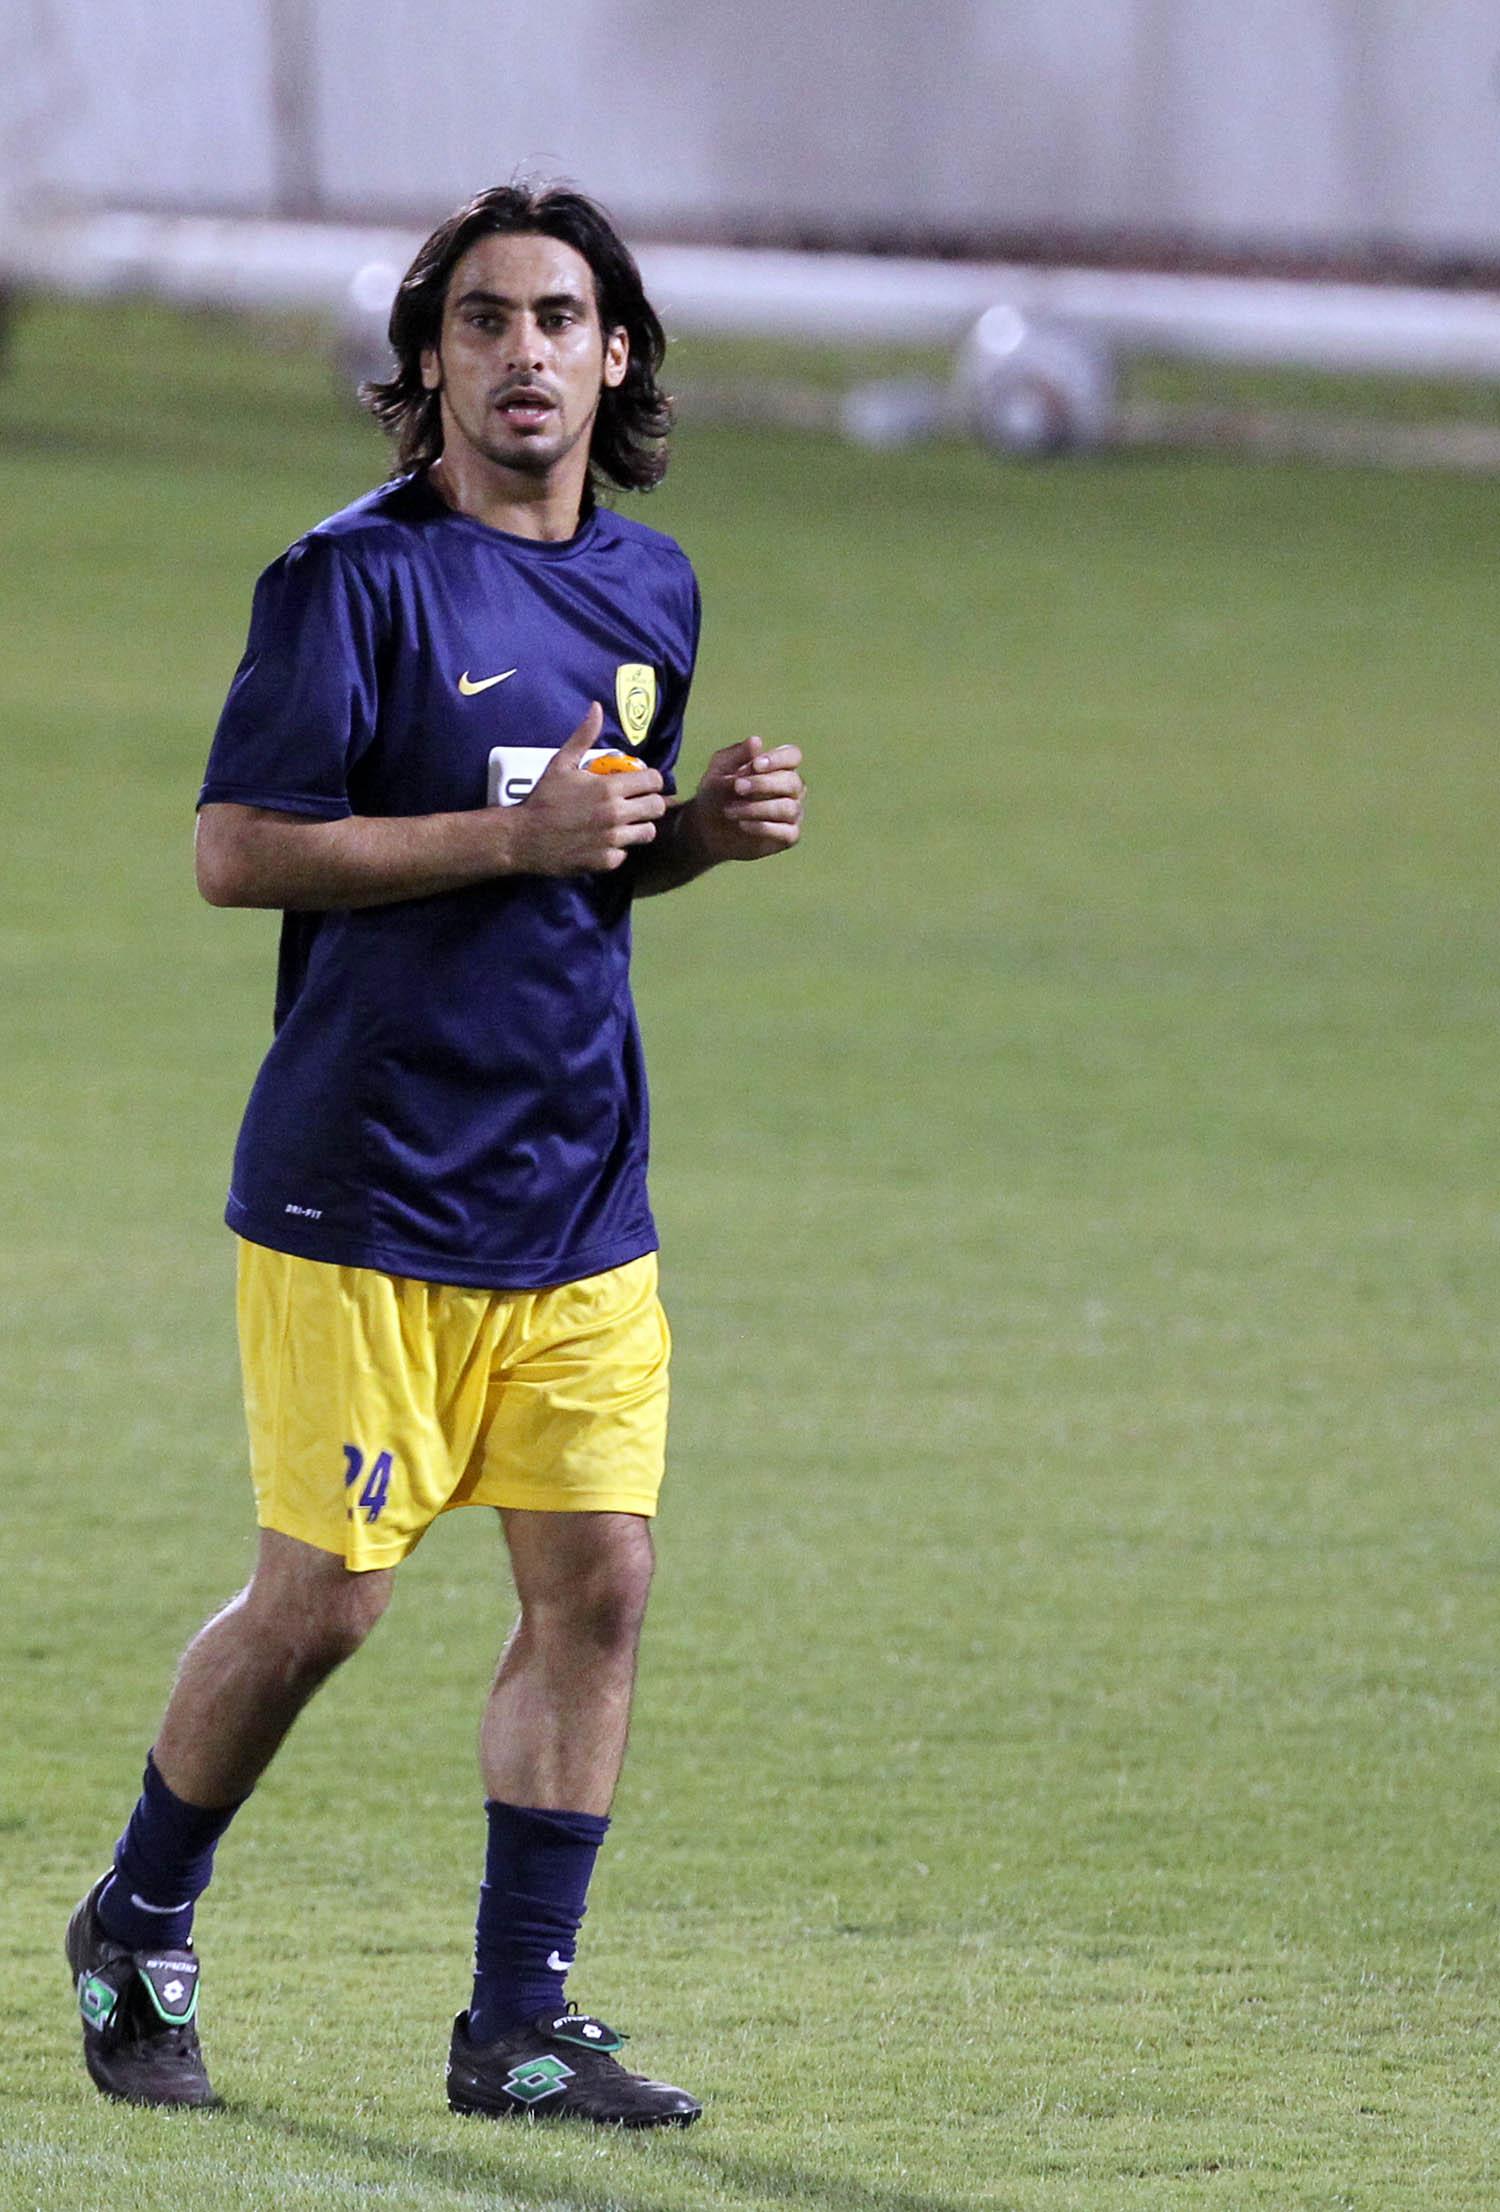 حسين الغني ظروف الفريقين ستجعل